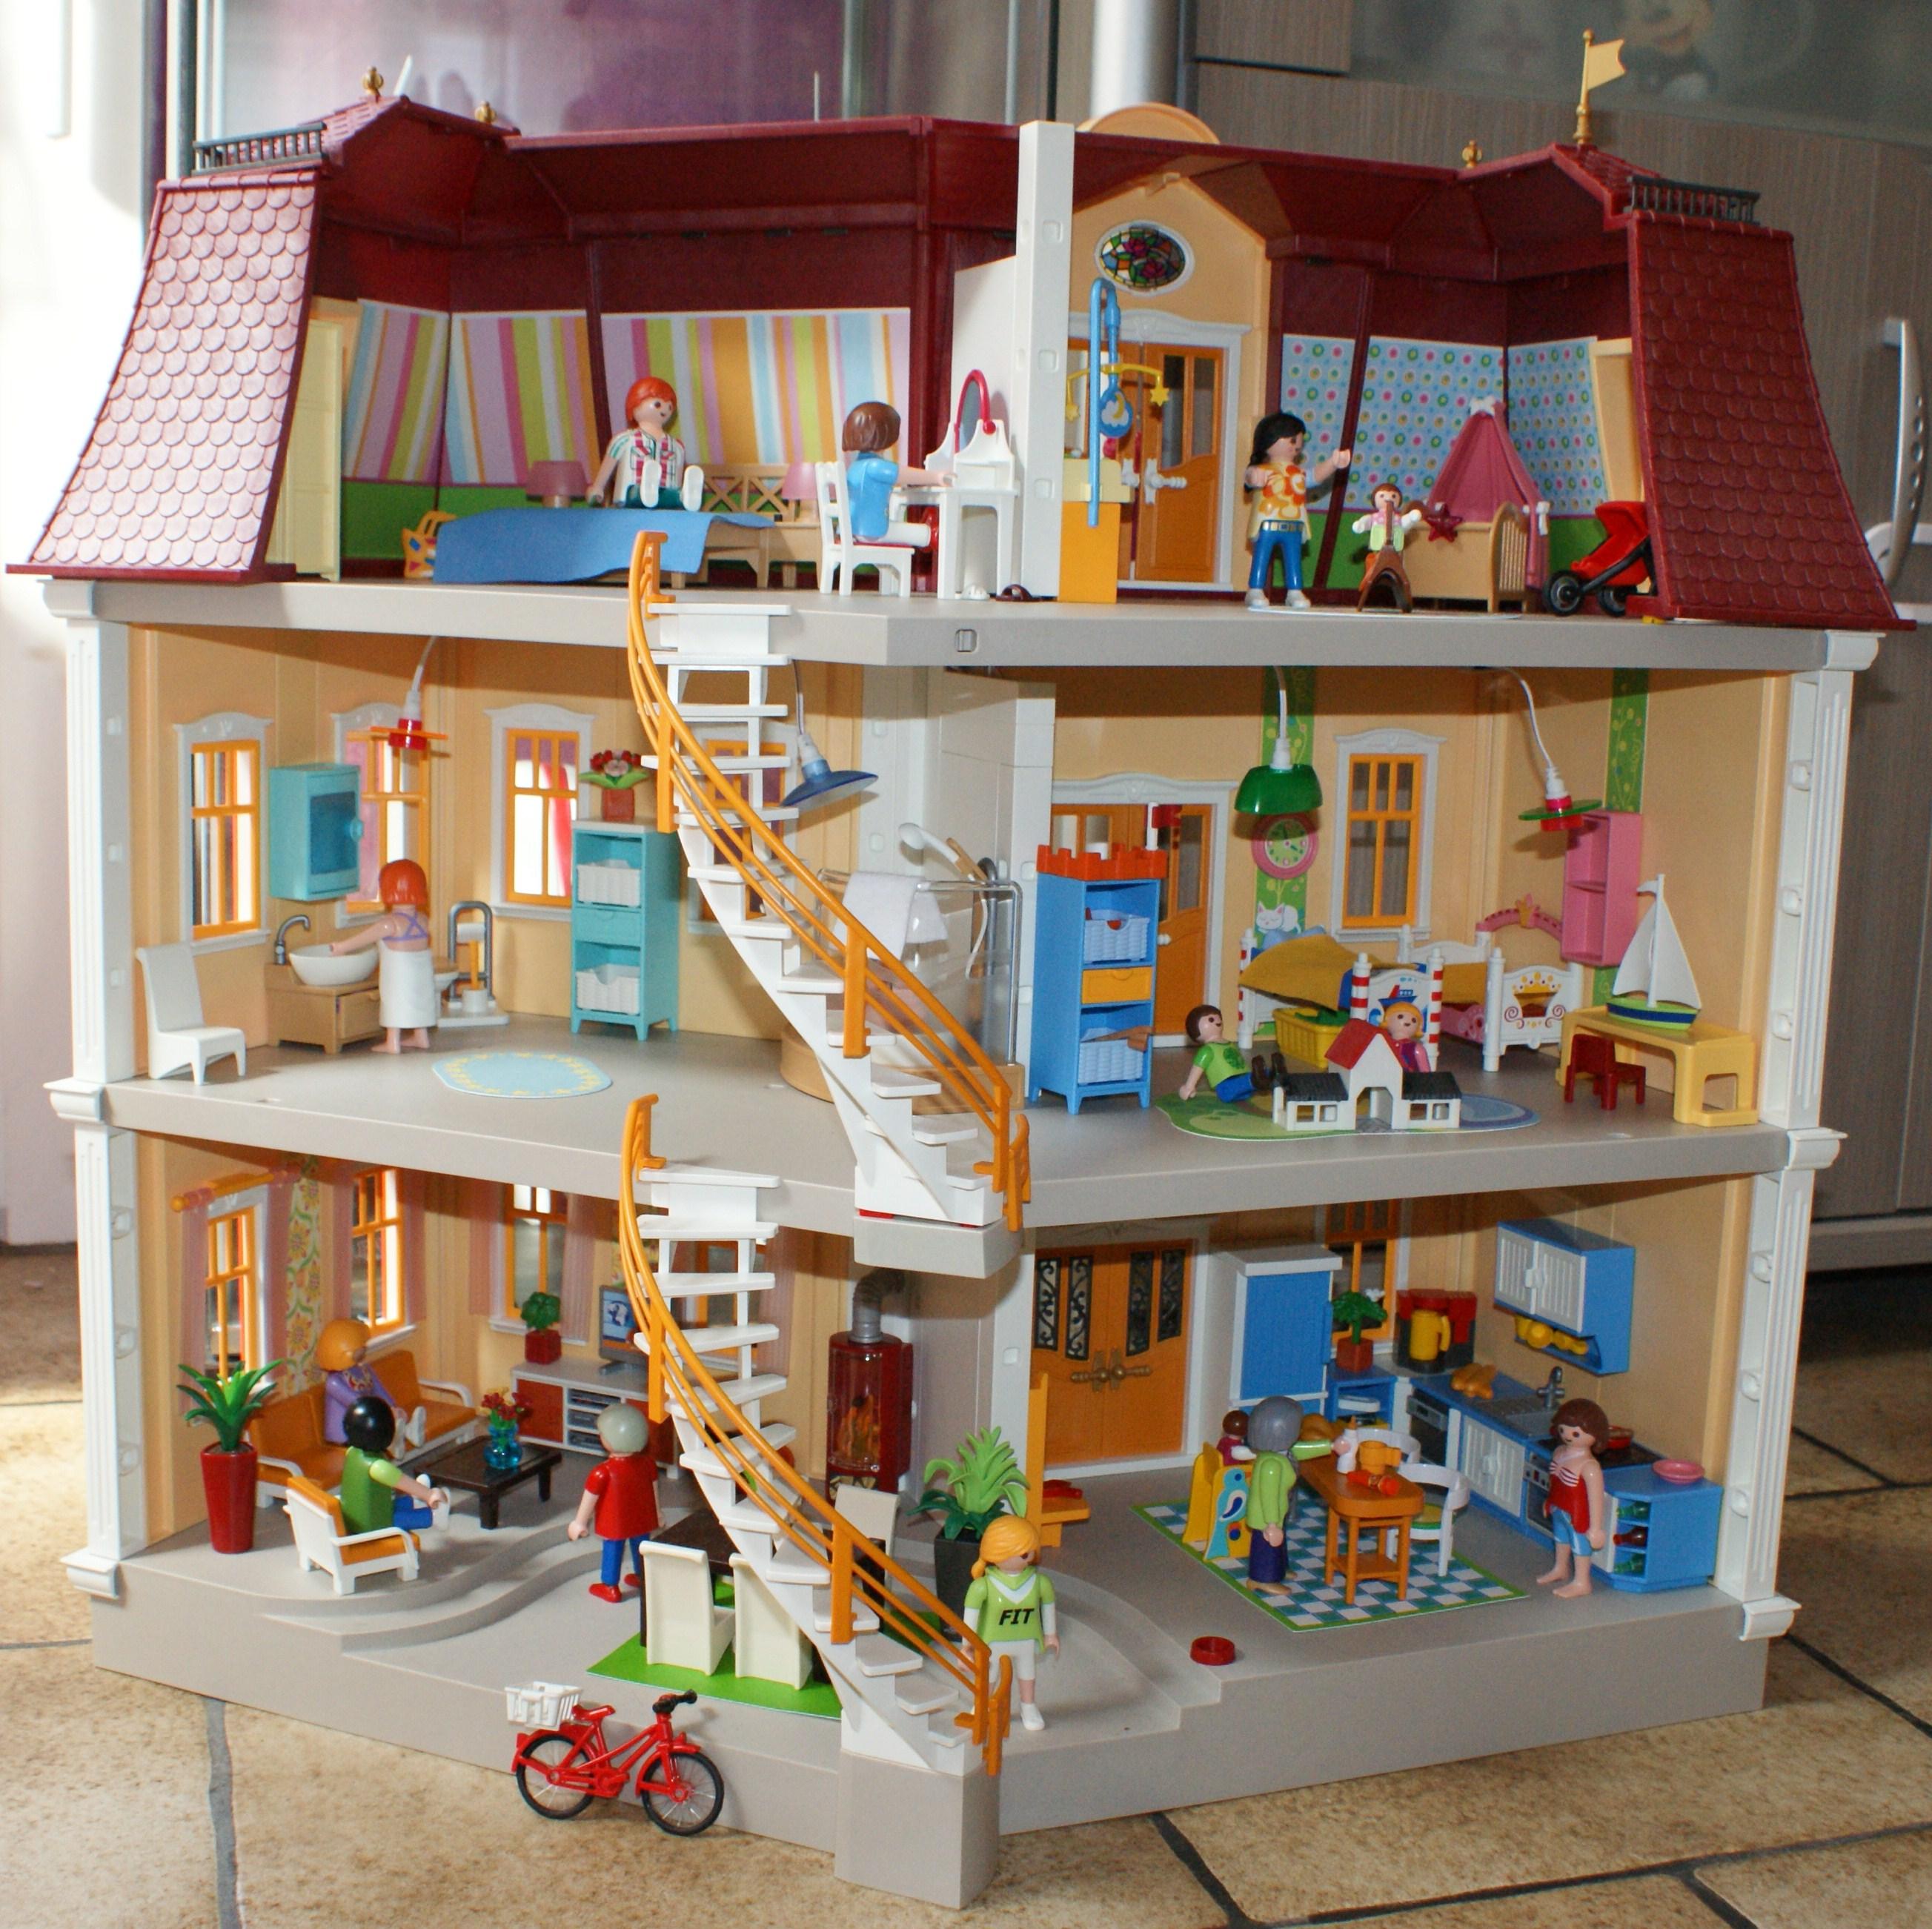 La playmoth rapie sous une etoile - Toute les maison playmobil ...